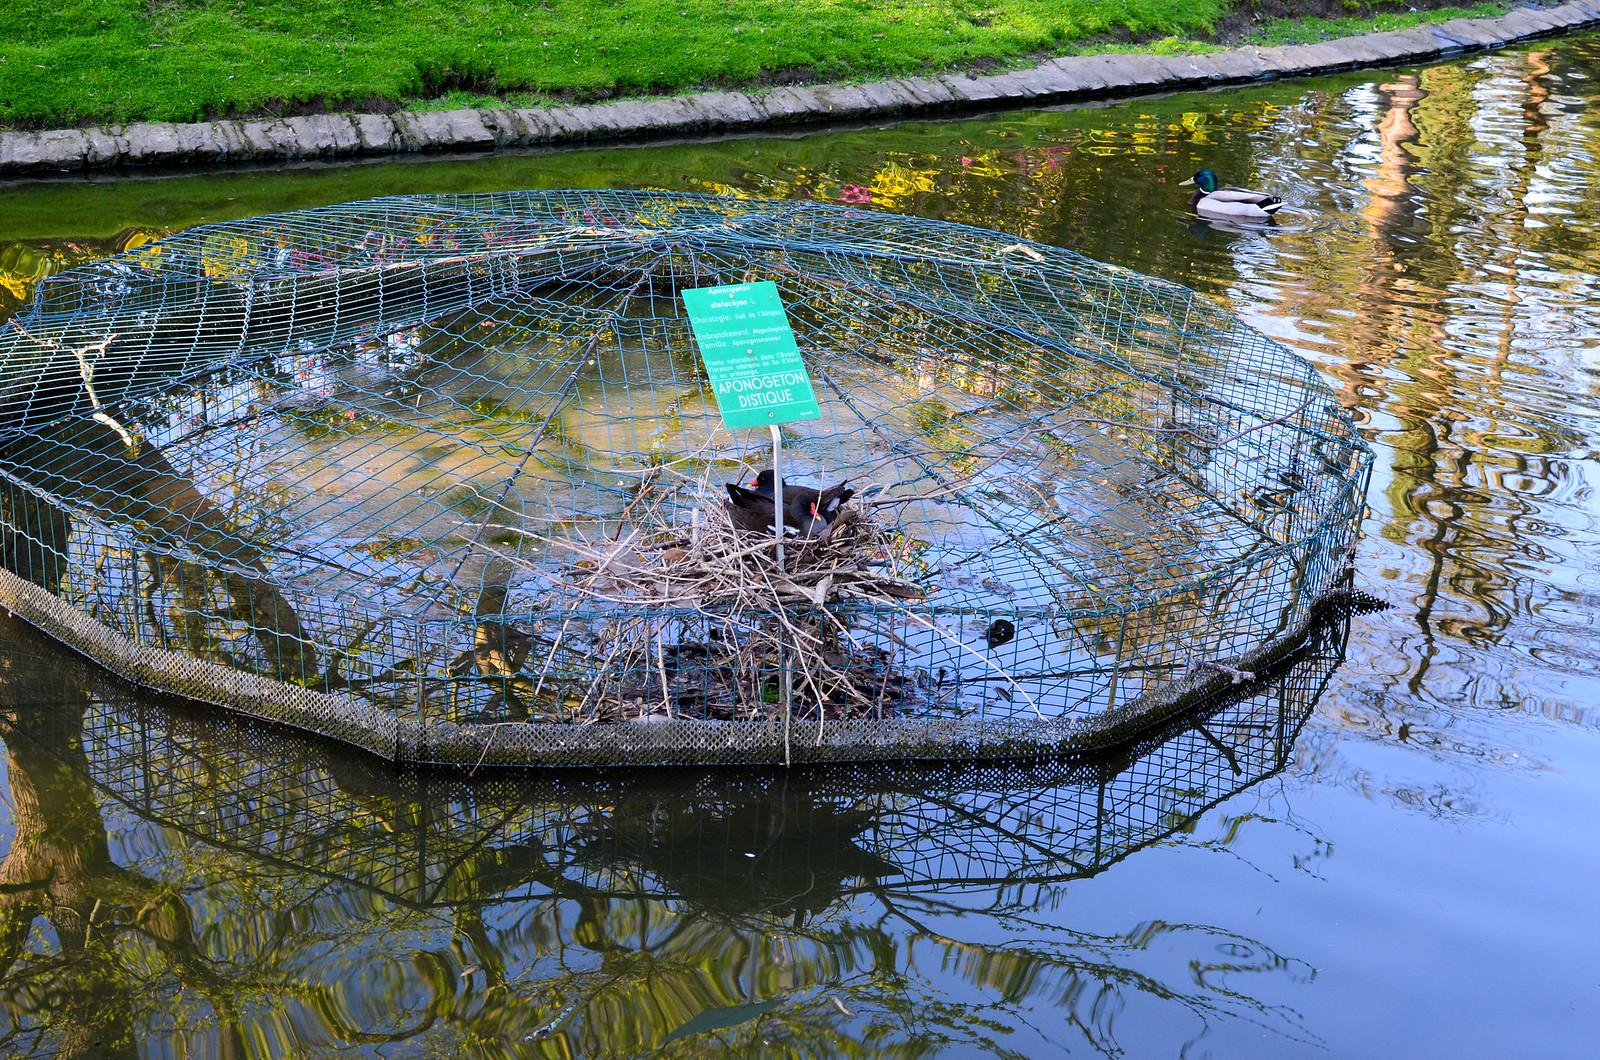 Oiseaux Jardin des plantes Nantes